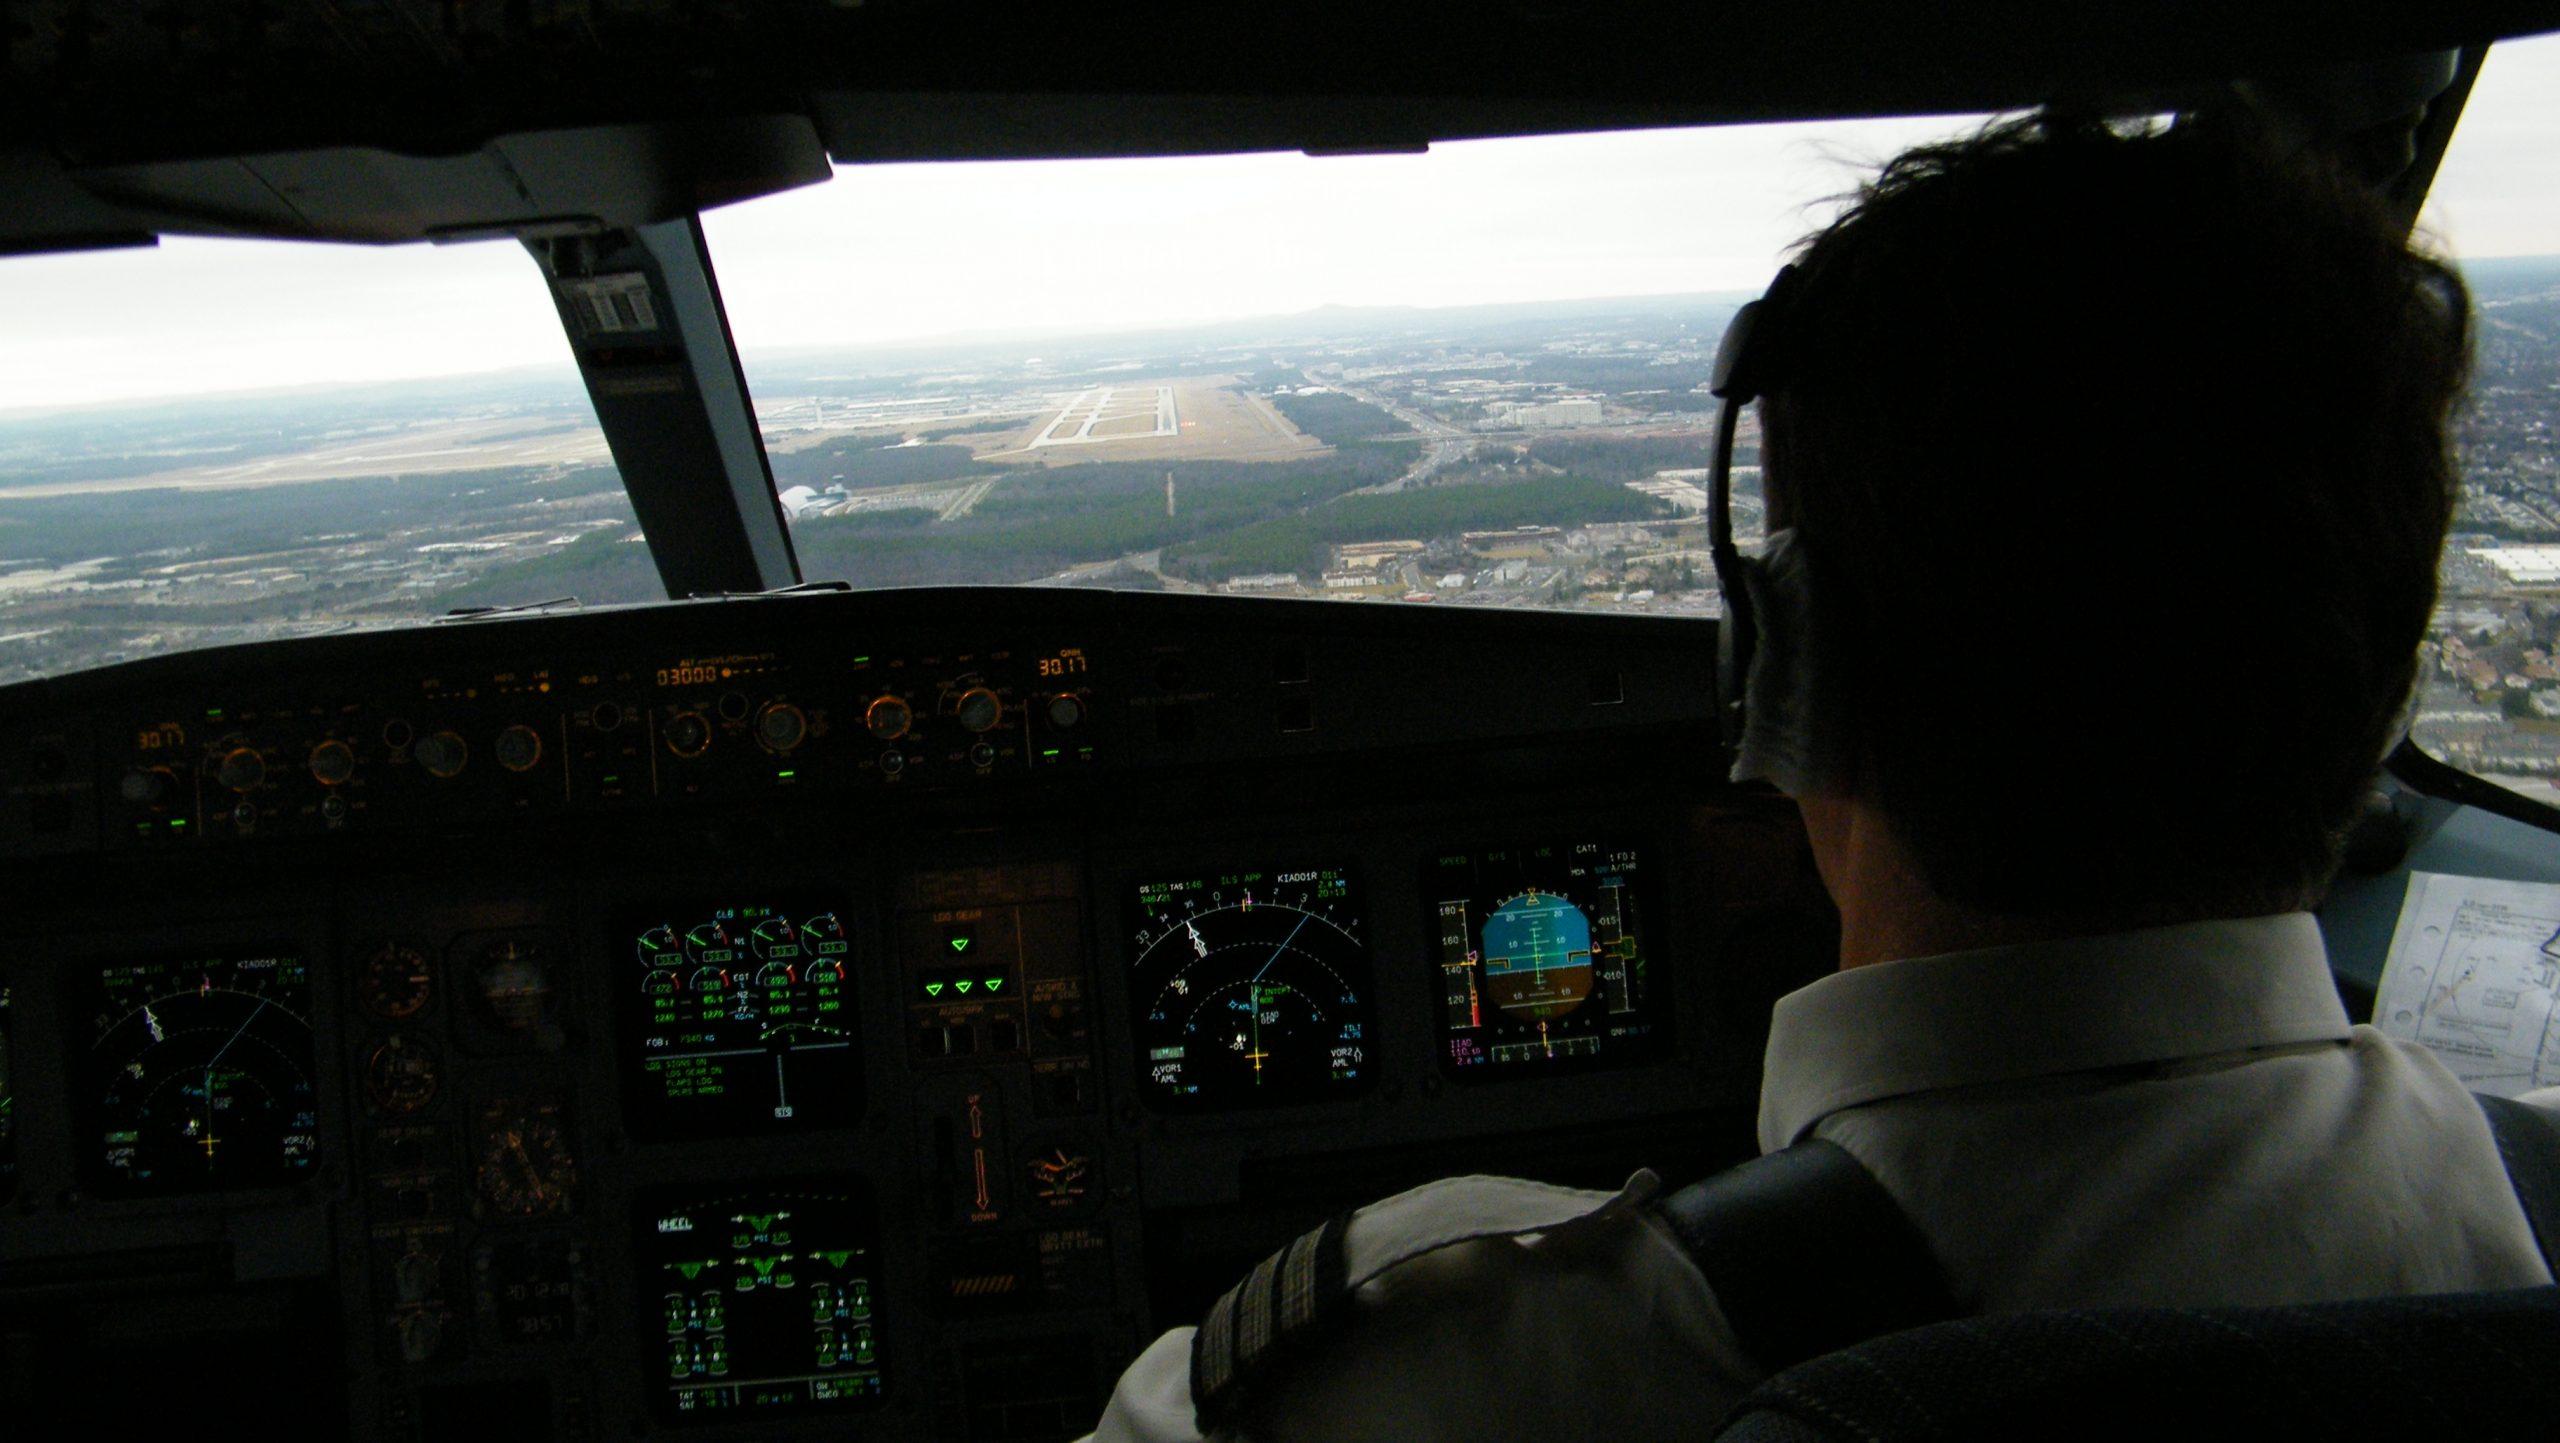 Få flyselskaber har spenderbukserne på når det gælder provision til rejsebureauer for at sælge deres billetter. Der gælder også SAS, der nu sænker kommissionen til en række rejsebureauer i Europa. Arkivfoto med SAS-fly på vej til landing i Helsinki, foto: Henrik Baumgarten.